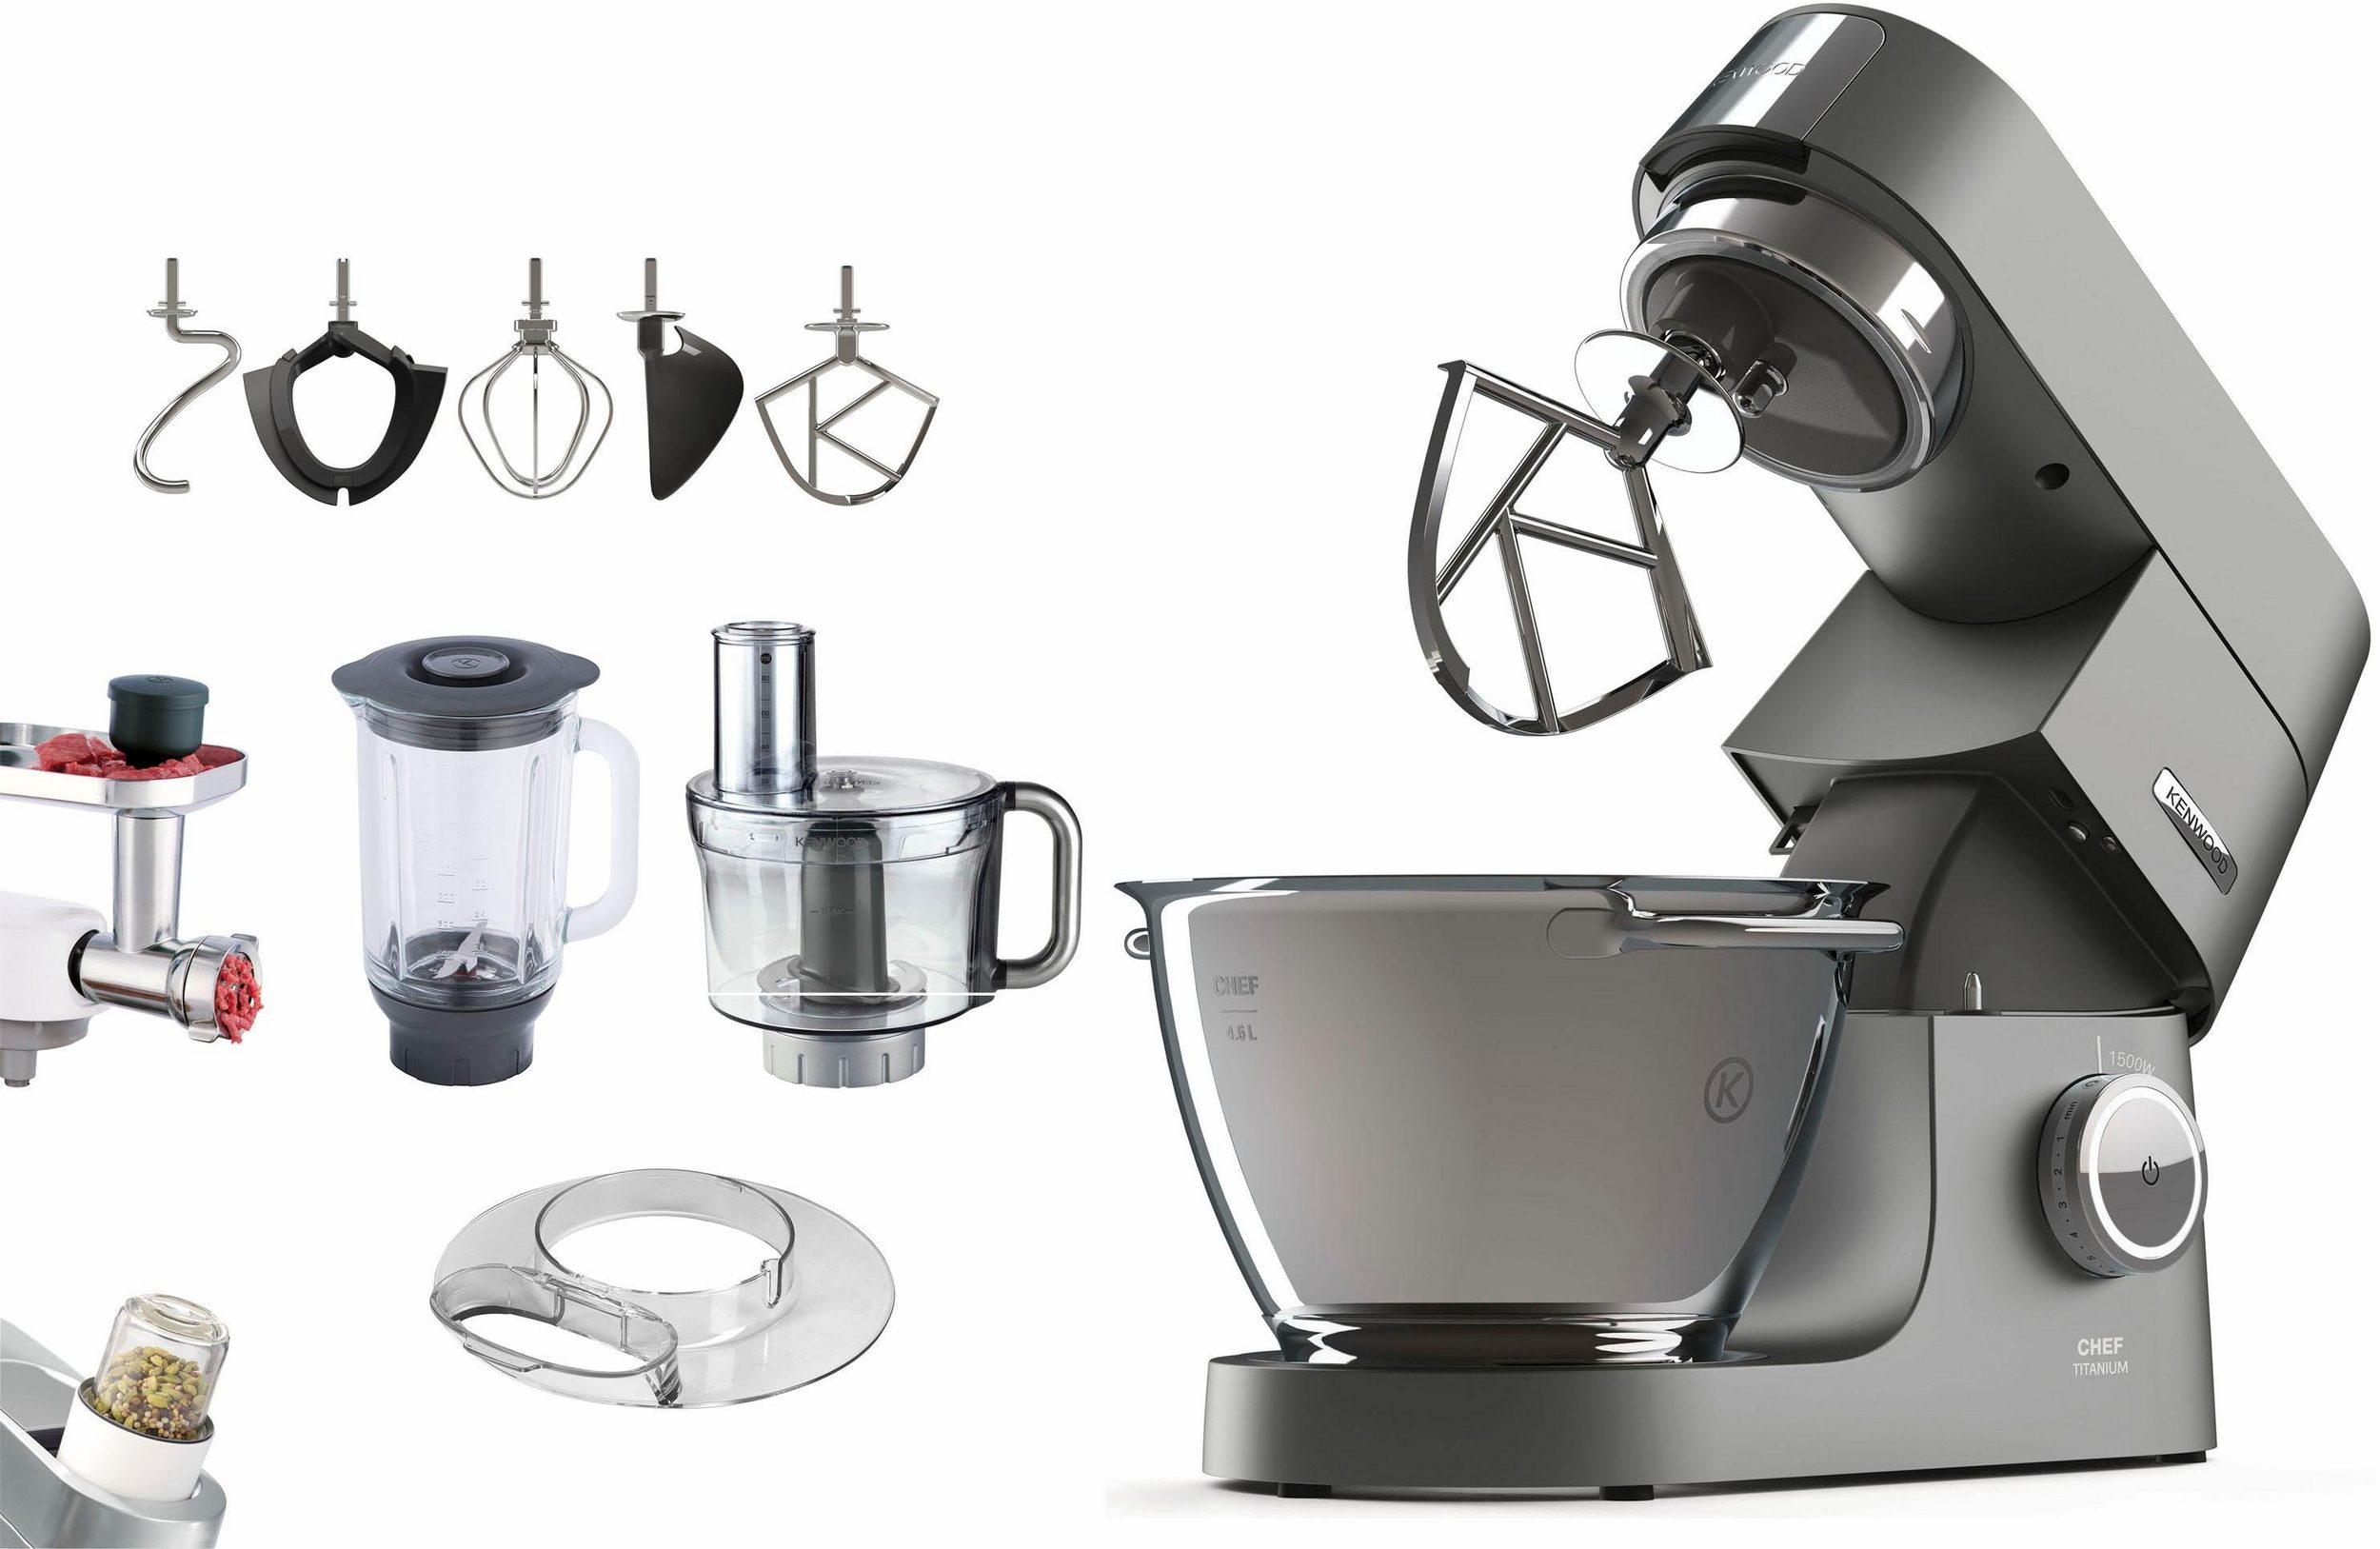 Kenwood Küchenmaschinen (Chef Titanium + Chef Titanium XL) mit viel Zubehör inkl. Kenwood Bonusprogramm